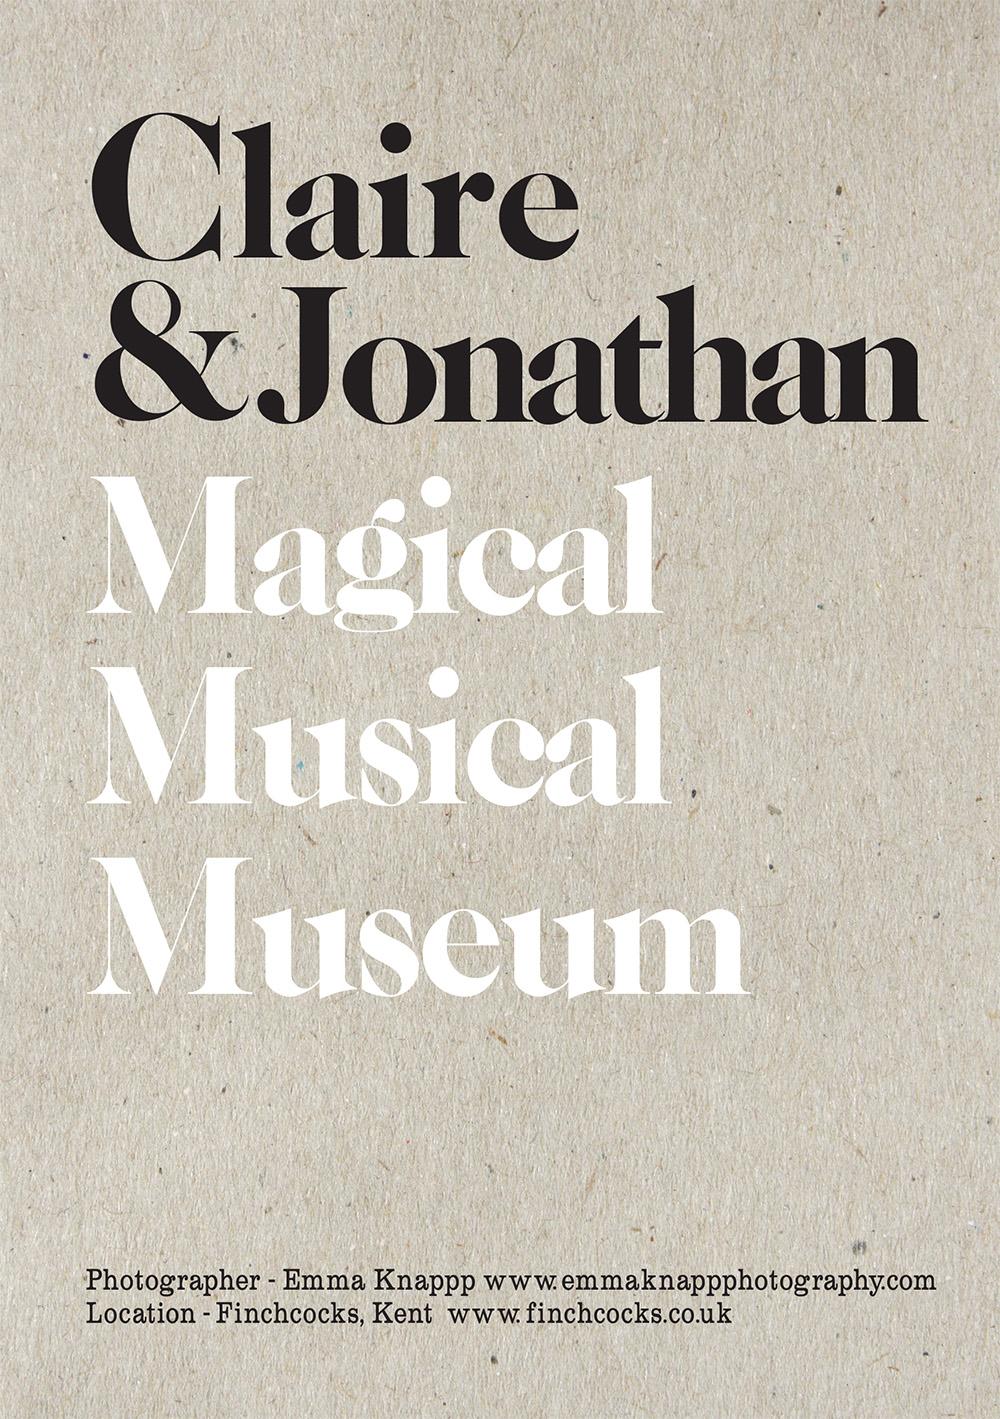 W&W_Claire&Jonathan_caption.jpg